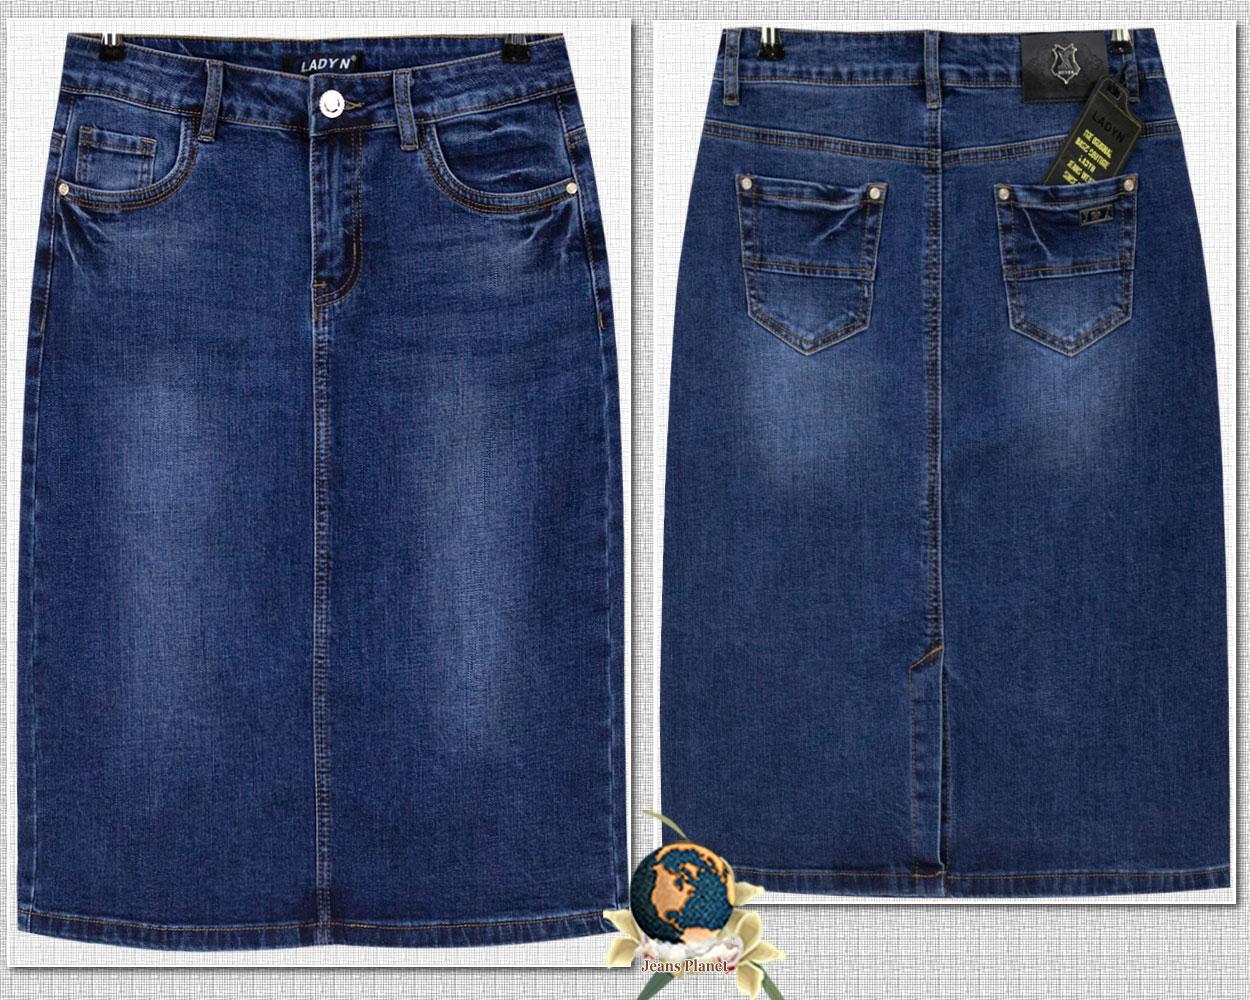 Спідниця джинсова класична довга LadyN синього кольору 31 розмір